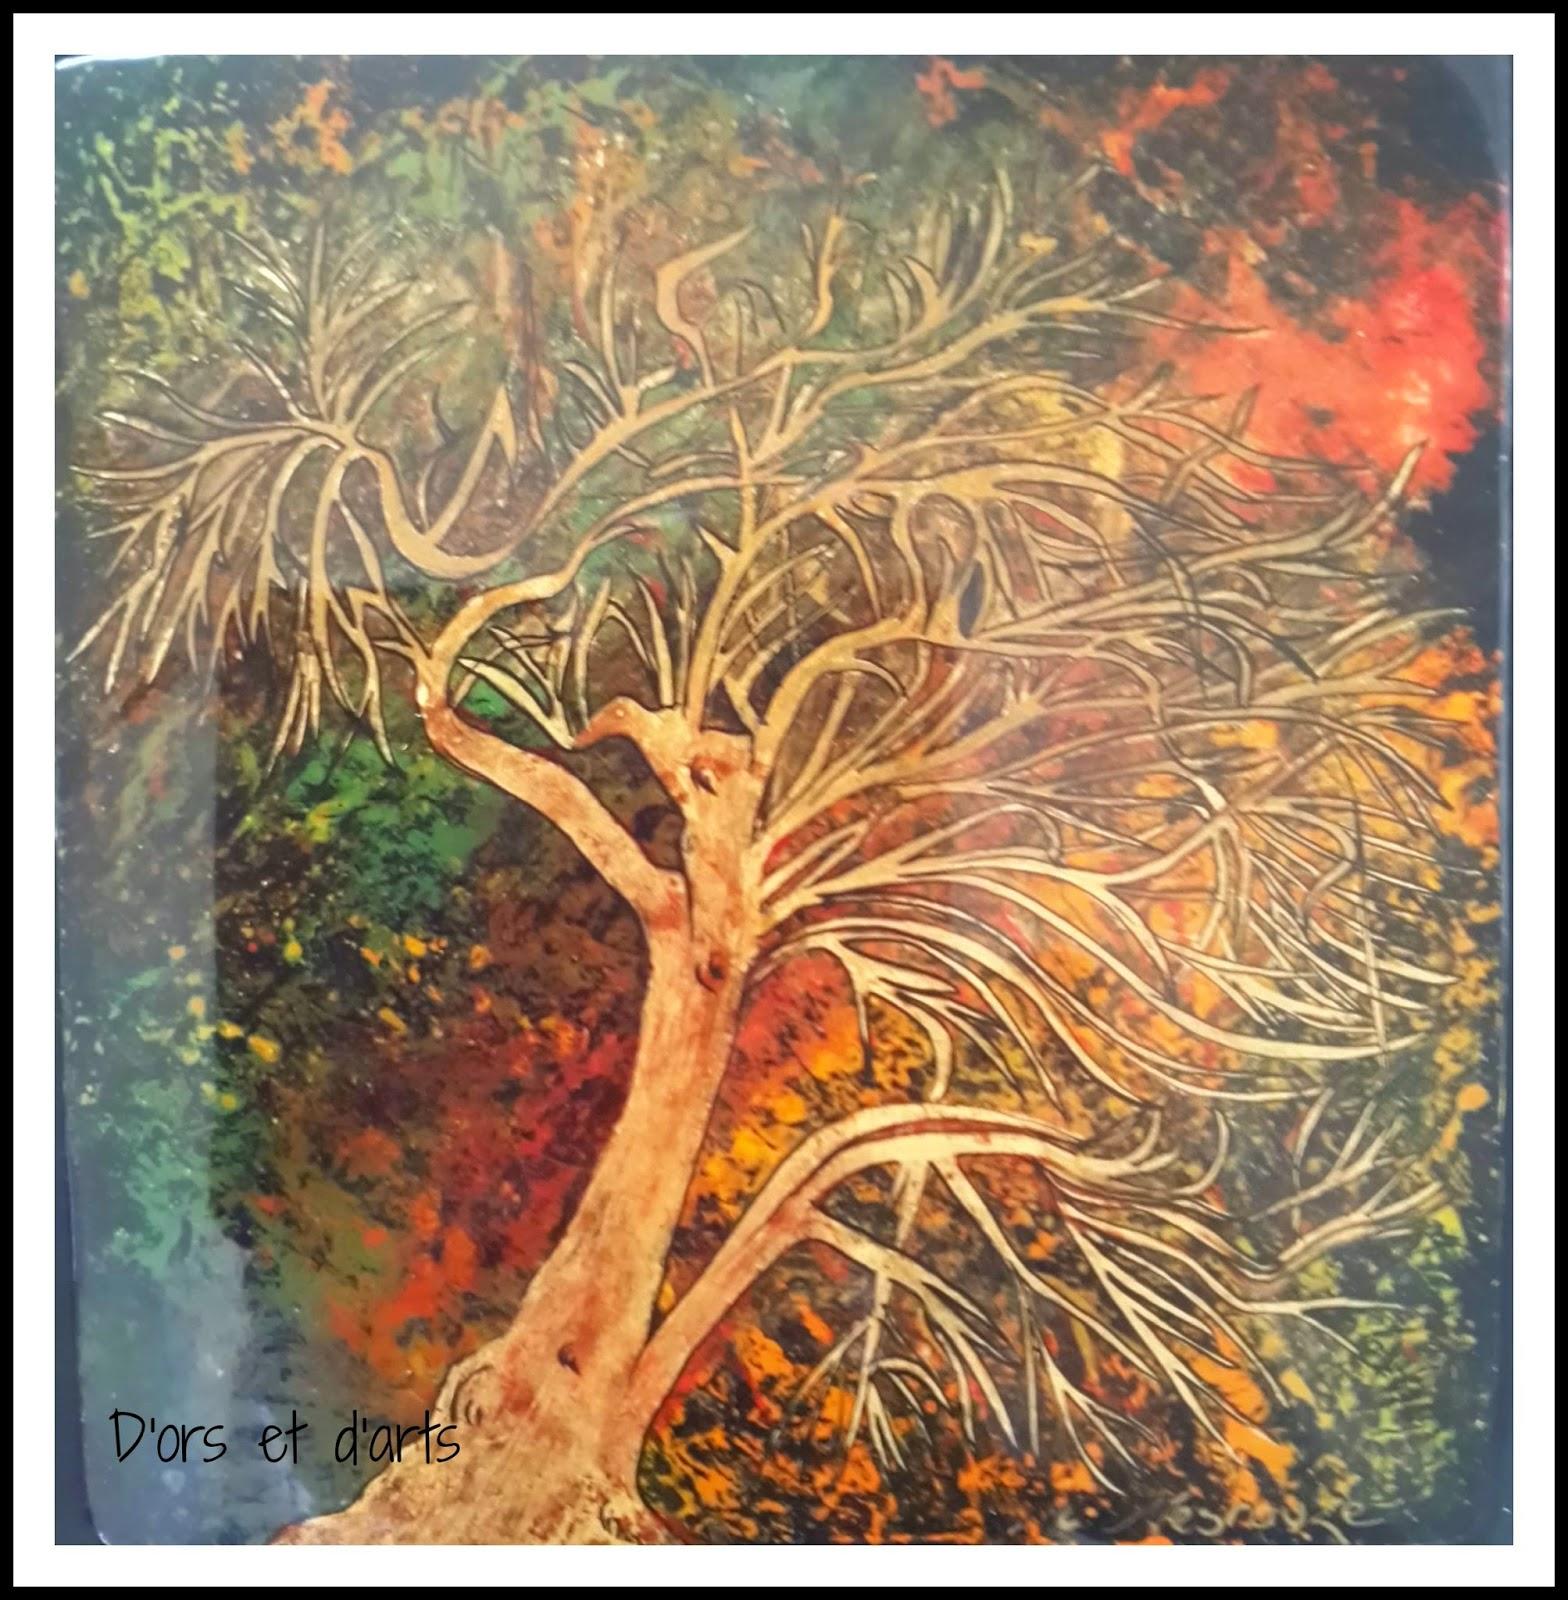 Pigments couleurs - feuilles d'or et vernis gras